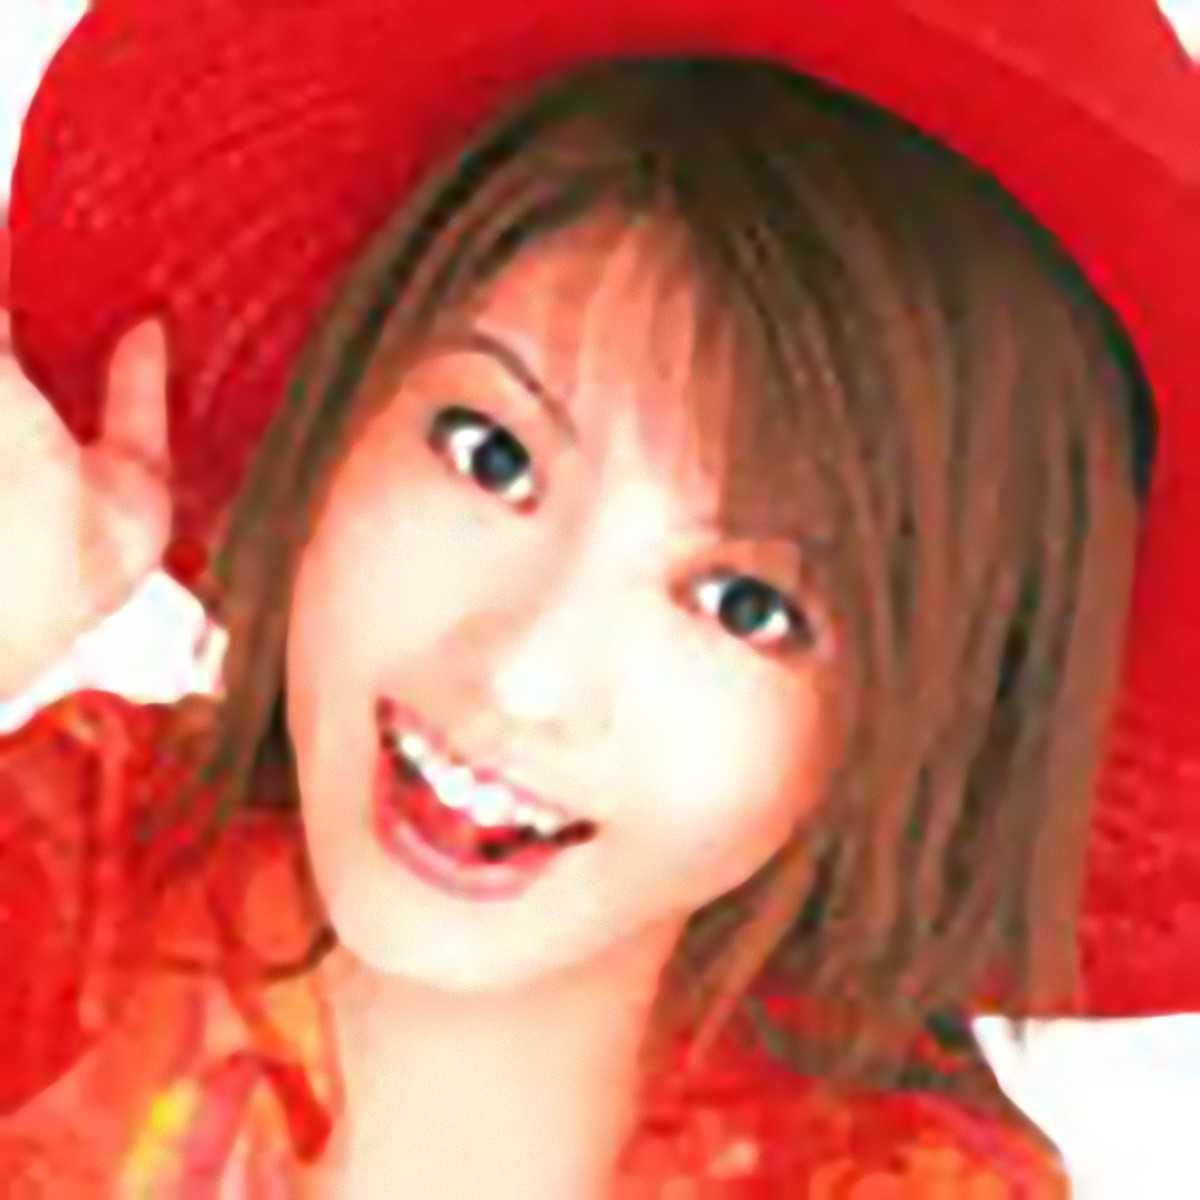 神野はづきさんのプロフィールと画像集 | AV女優画像-ラブコアラ-